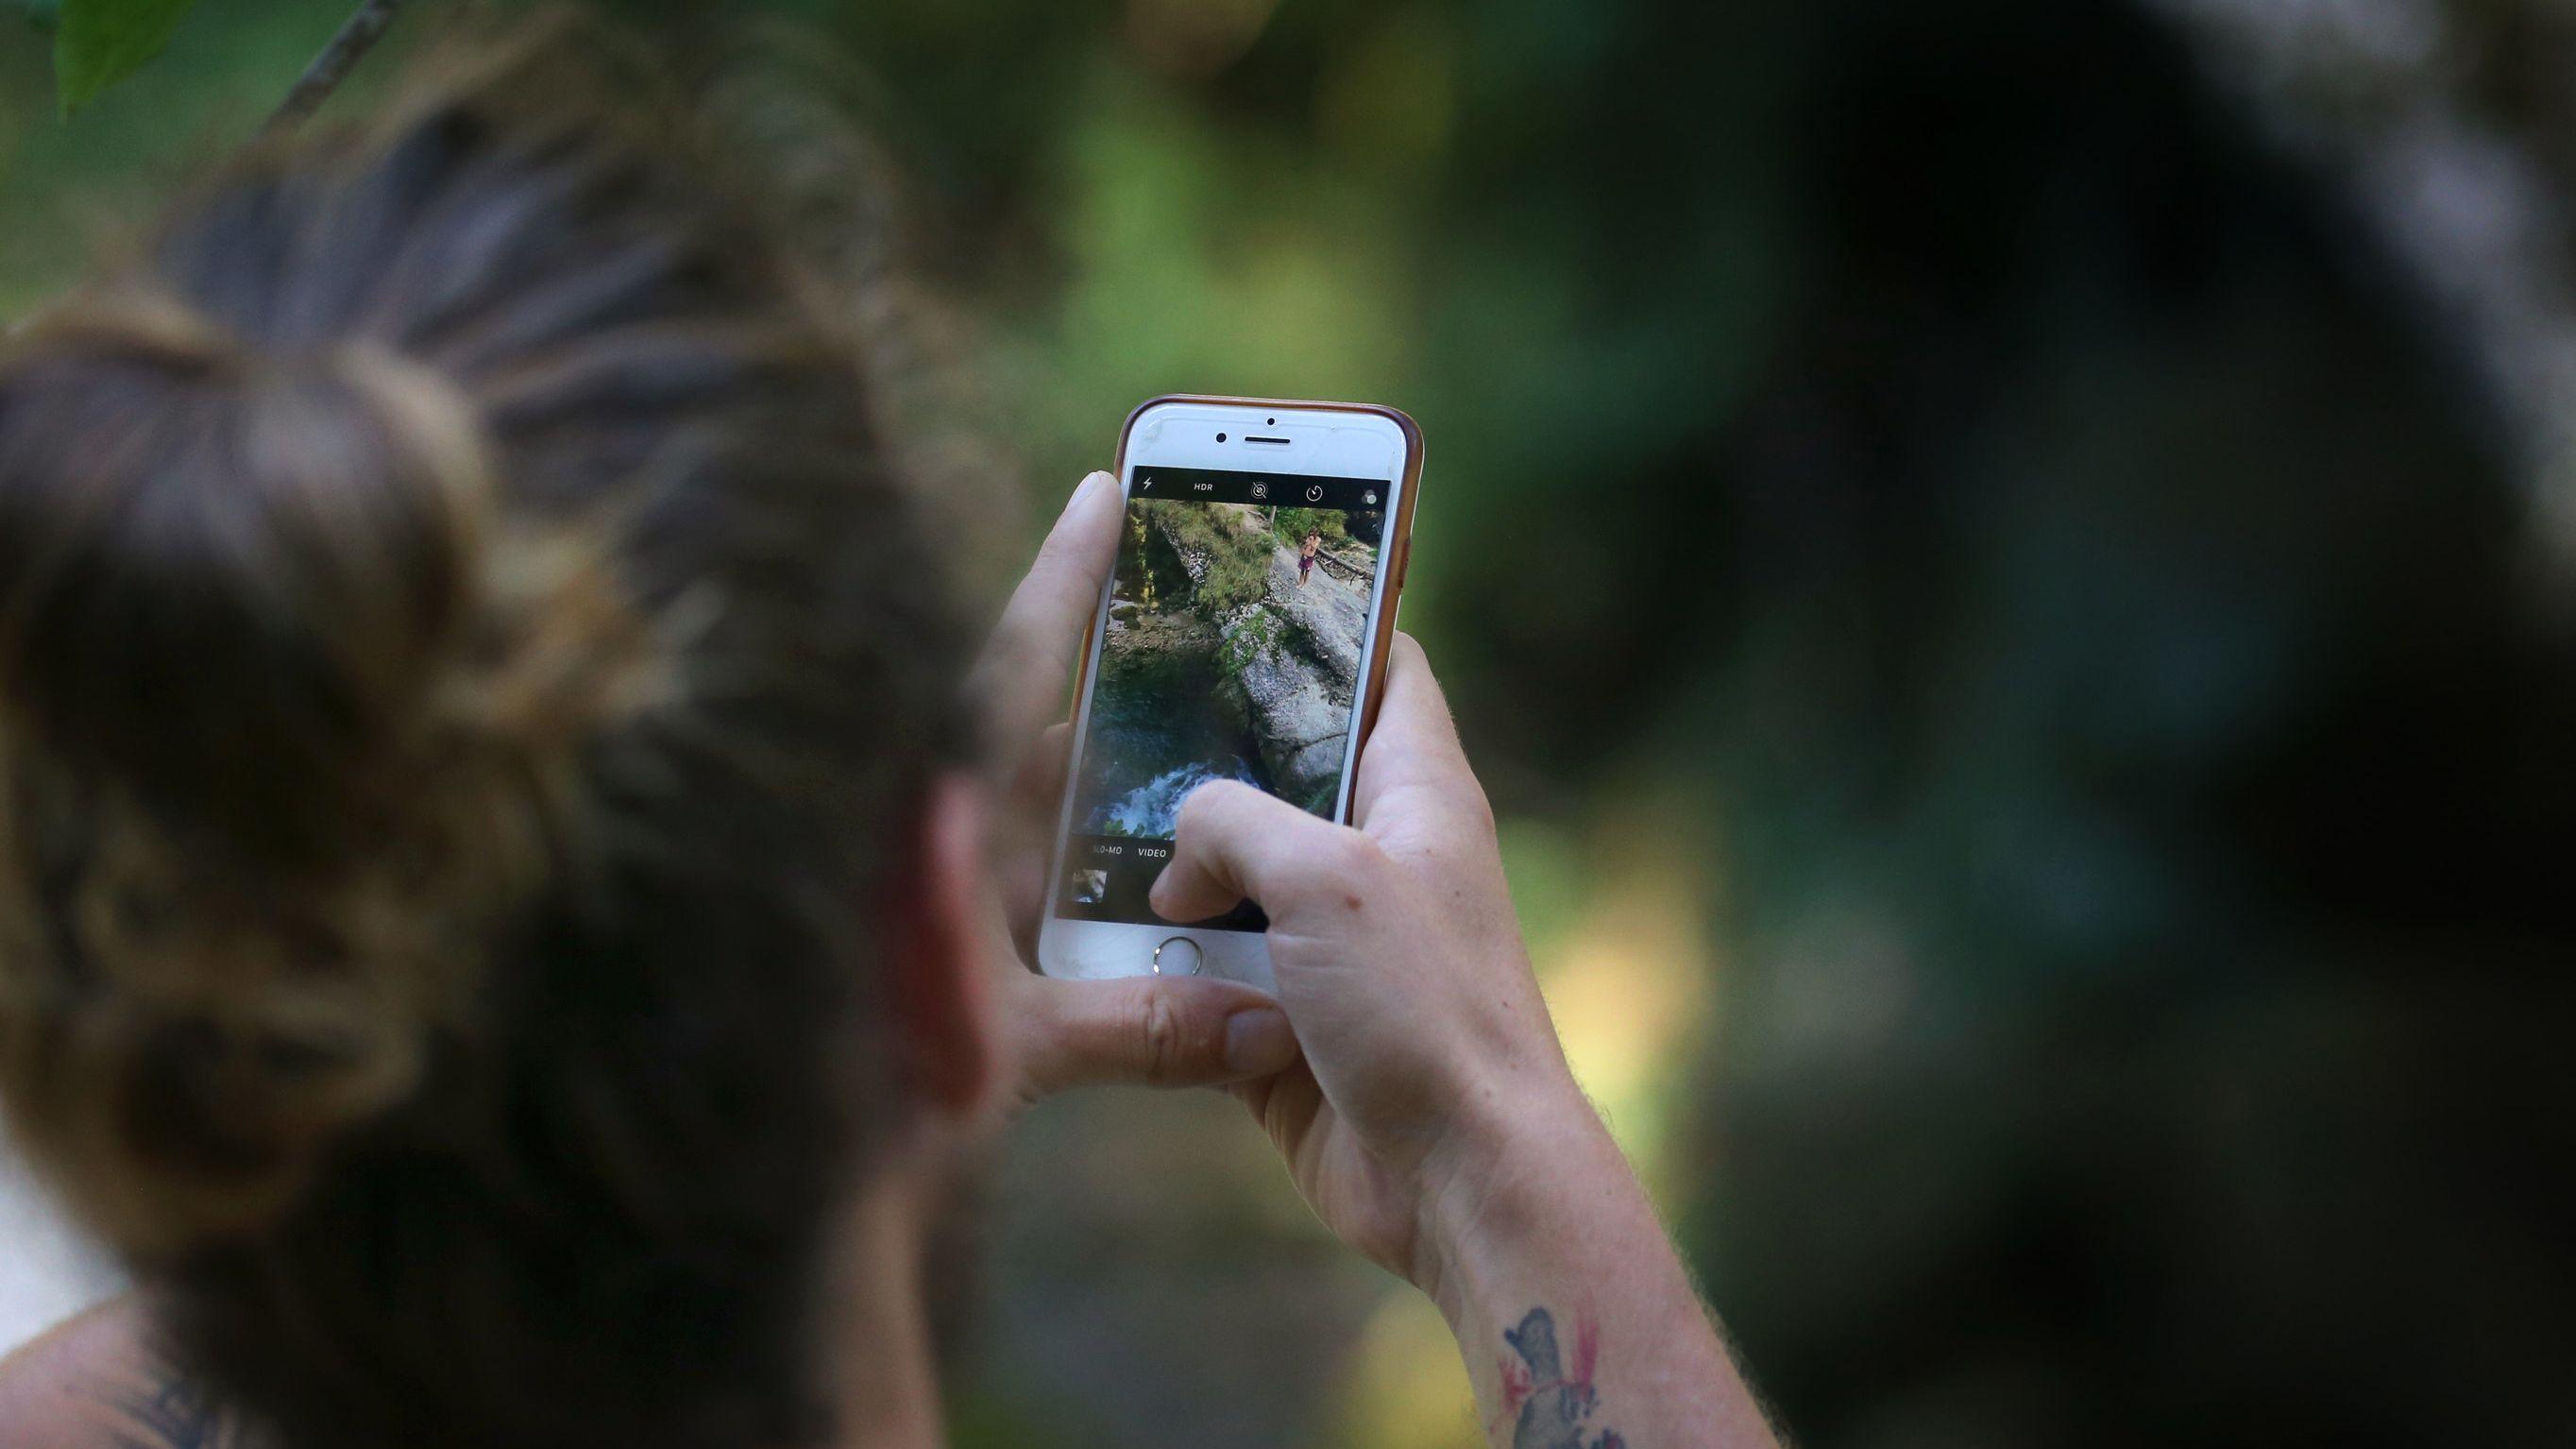 Ein junger Mann nimmt den Sprung zweier Frauen, in eine sechs Meter tiefer gelegene Gumpe, mit einem Smartphone auf.